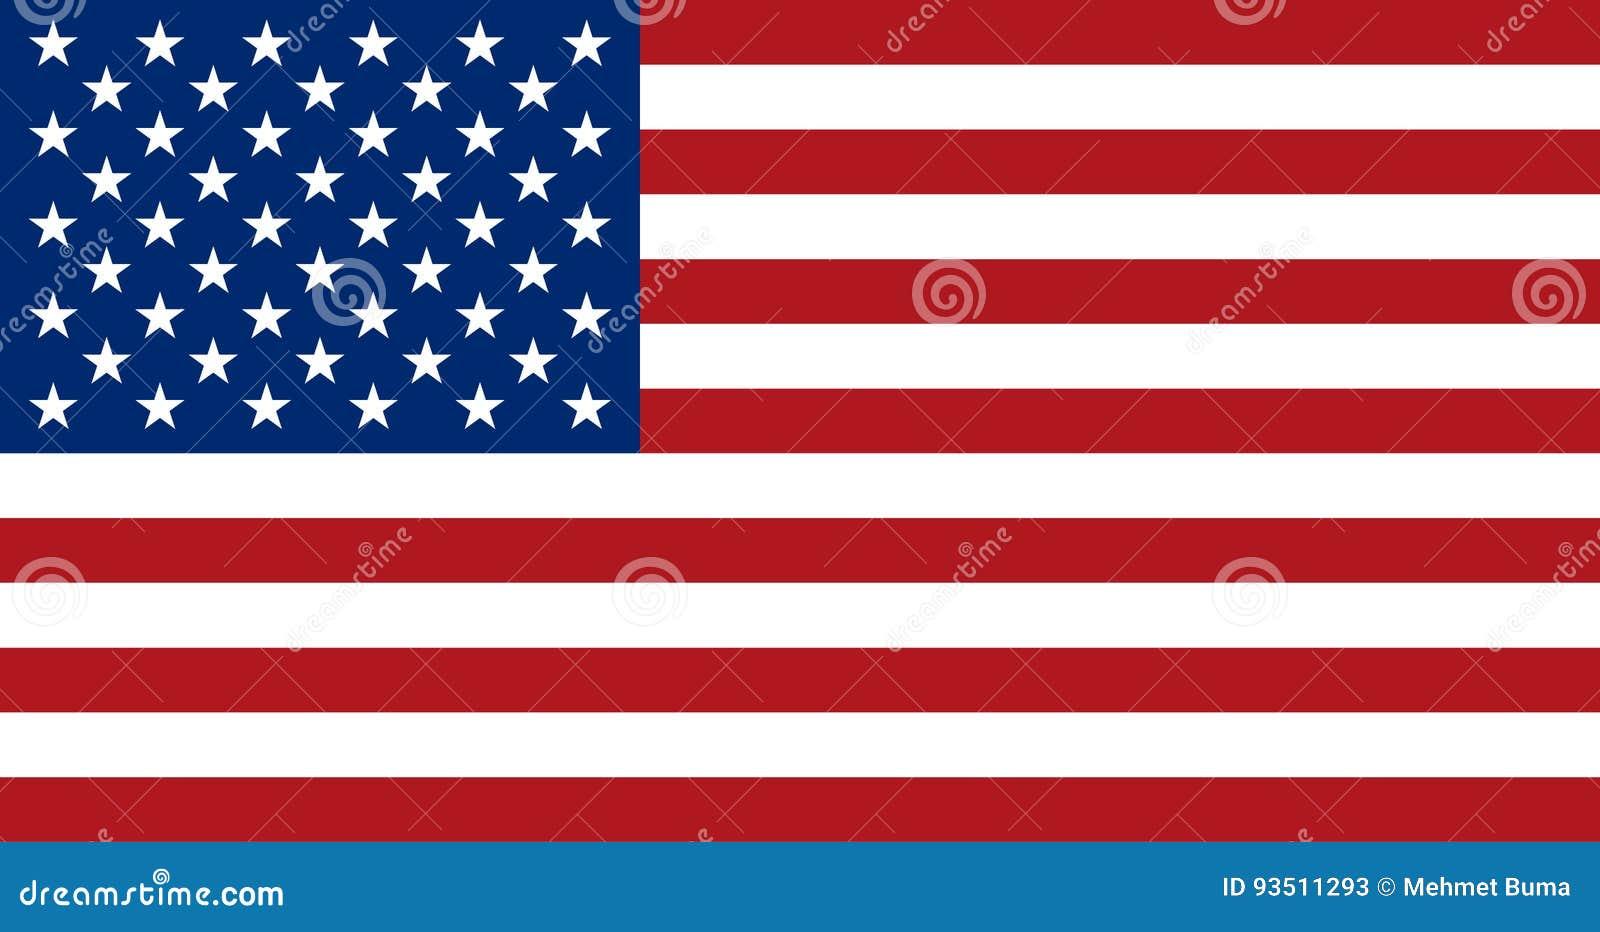 Flaga amerykańska, płaski układ, wektorowa ilustracja